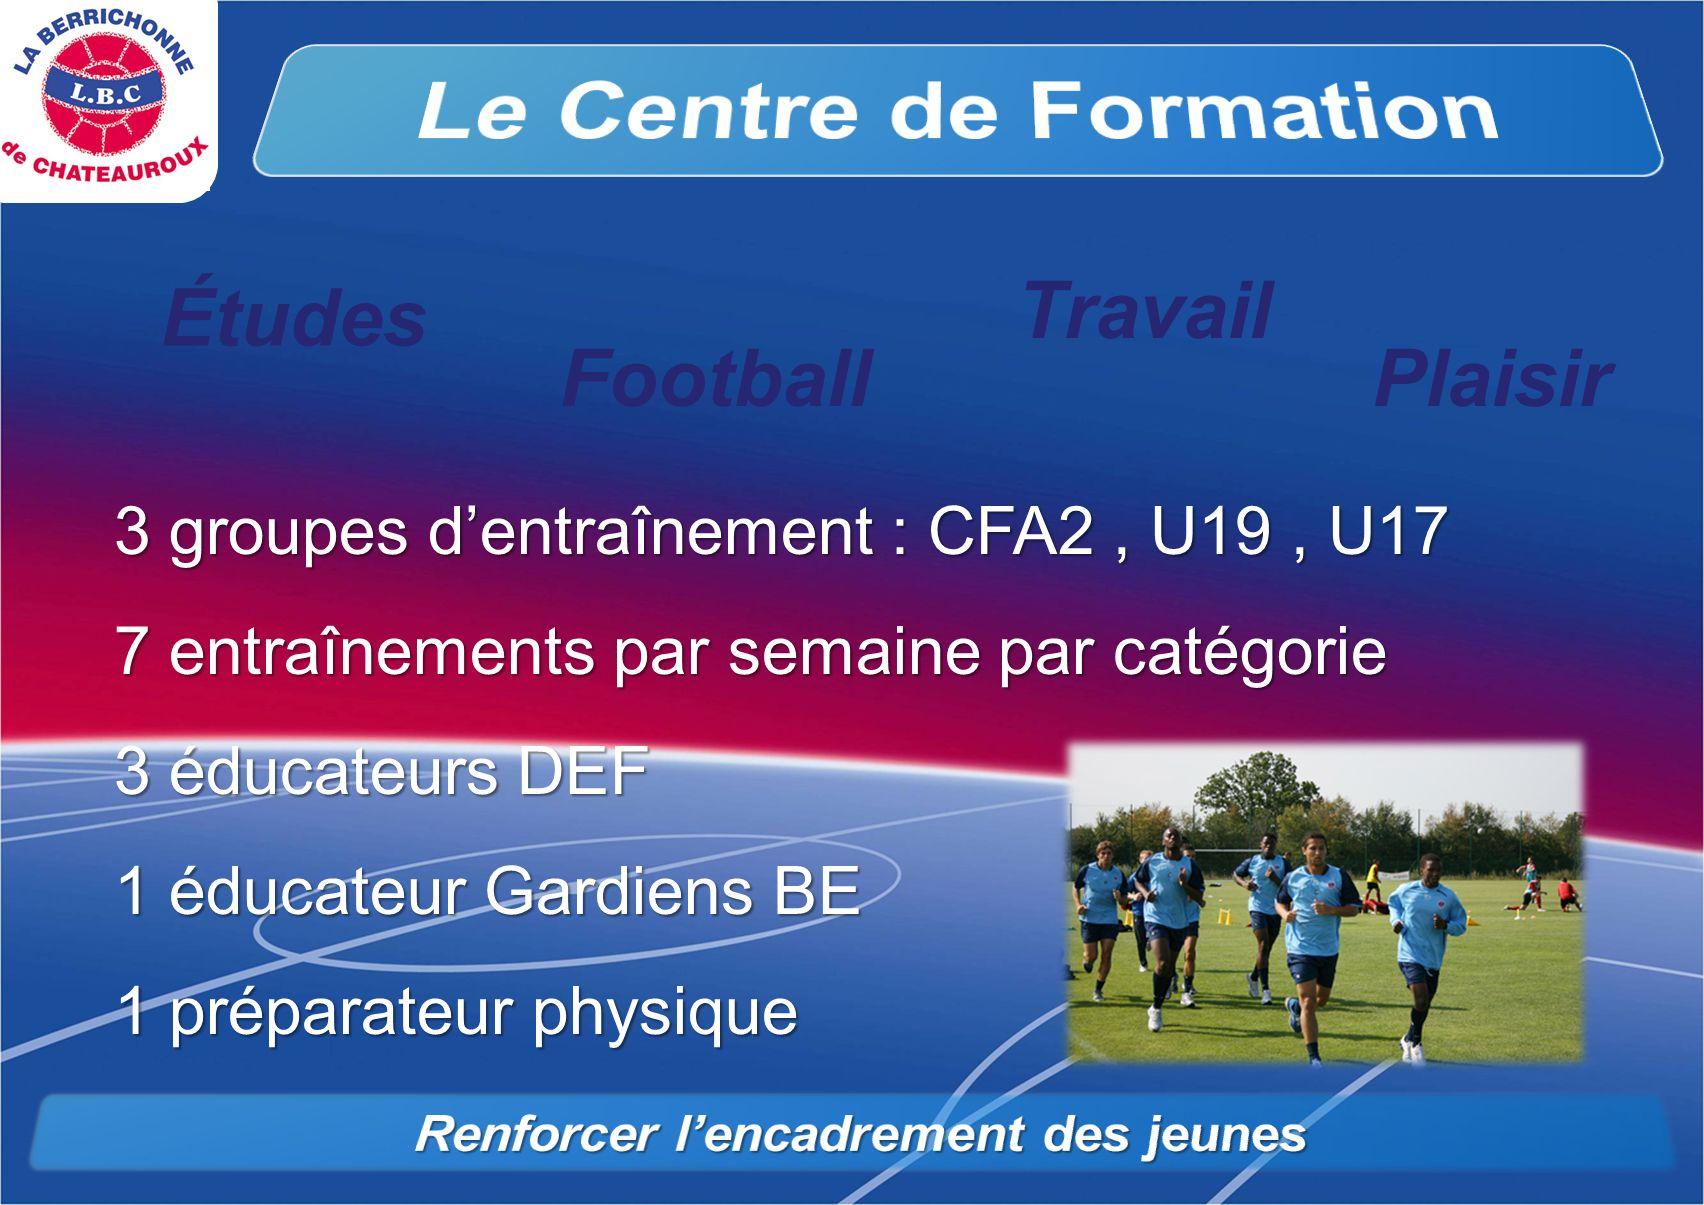 Football Travail Plaisir 3 groupes dentraînement : CFA2, U19, U17 7 entraînements par semaine par catégorie 3 éducateurs DEF 1 éducateur Gardiens BE 1